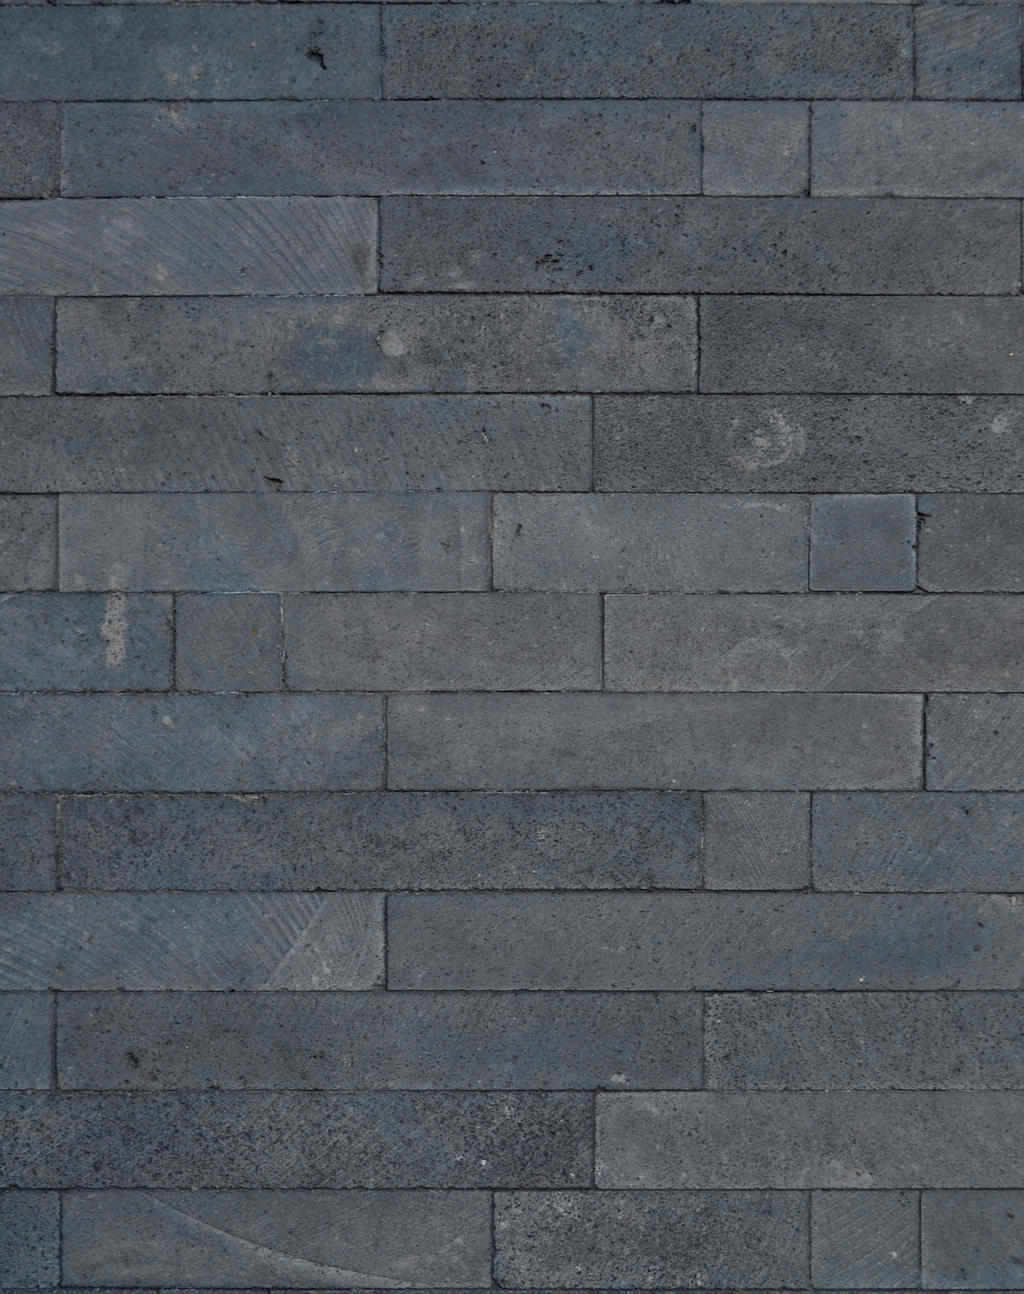 Brick Floor Texture By Digitalwideresource On Deviantart